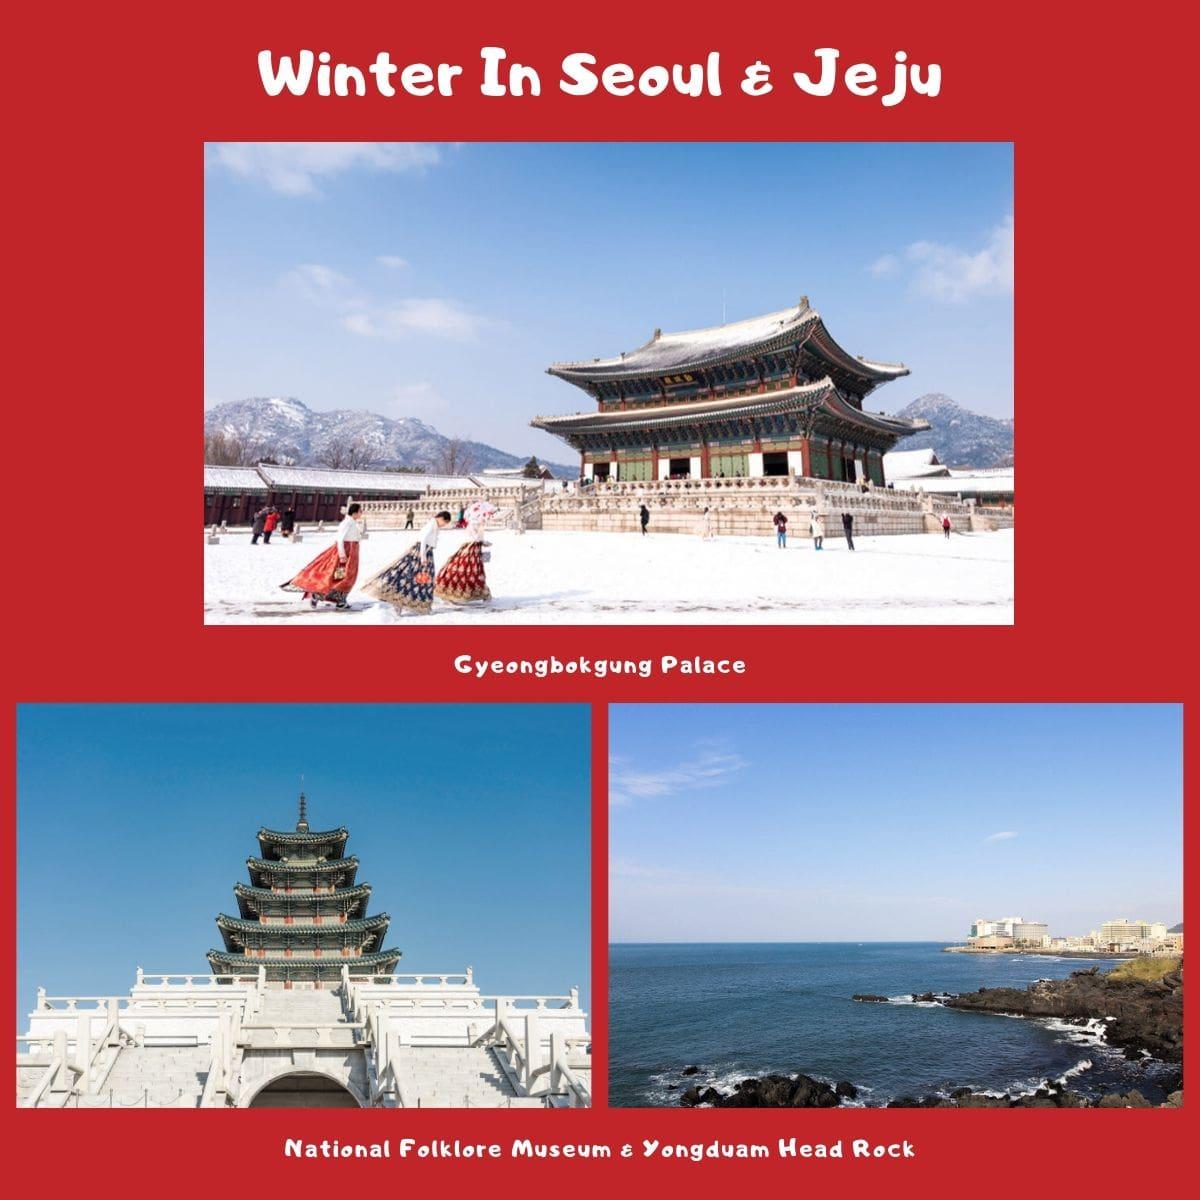 Pengalaman Terindah Liburan Musim Dingin + Ski di Korea - Gyeongbokgung Palace, National Folklore Museum, Yongduam Head Rock - Sumber Freepik & Flickr